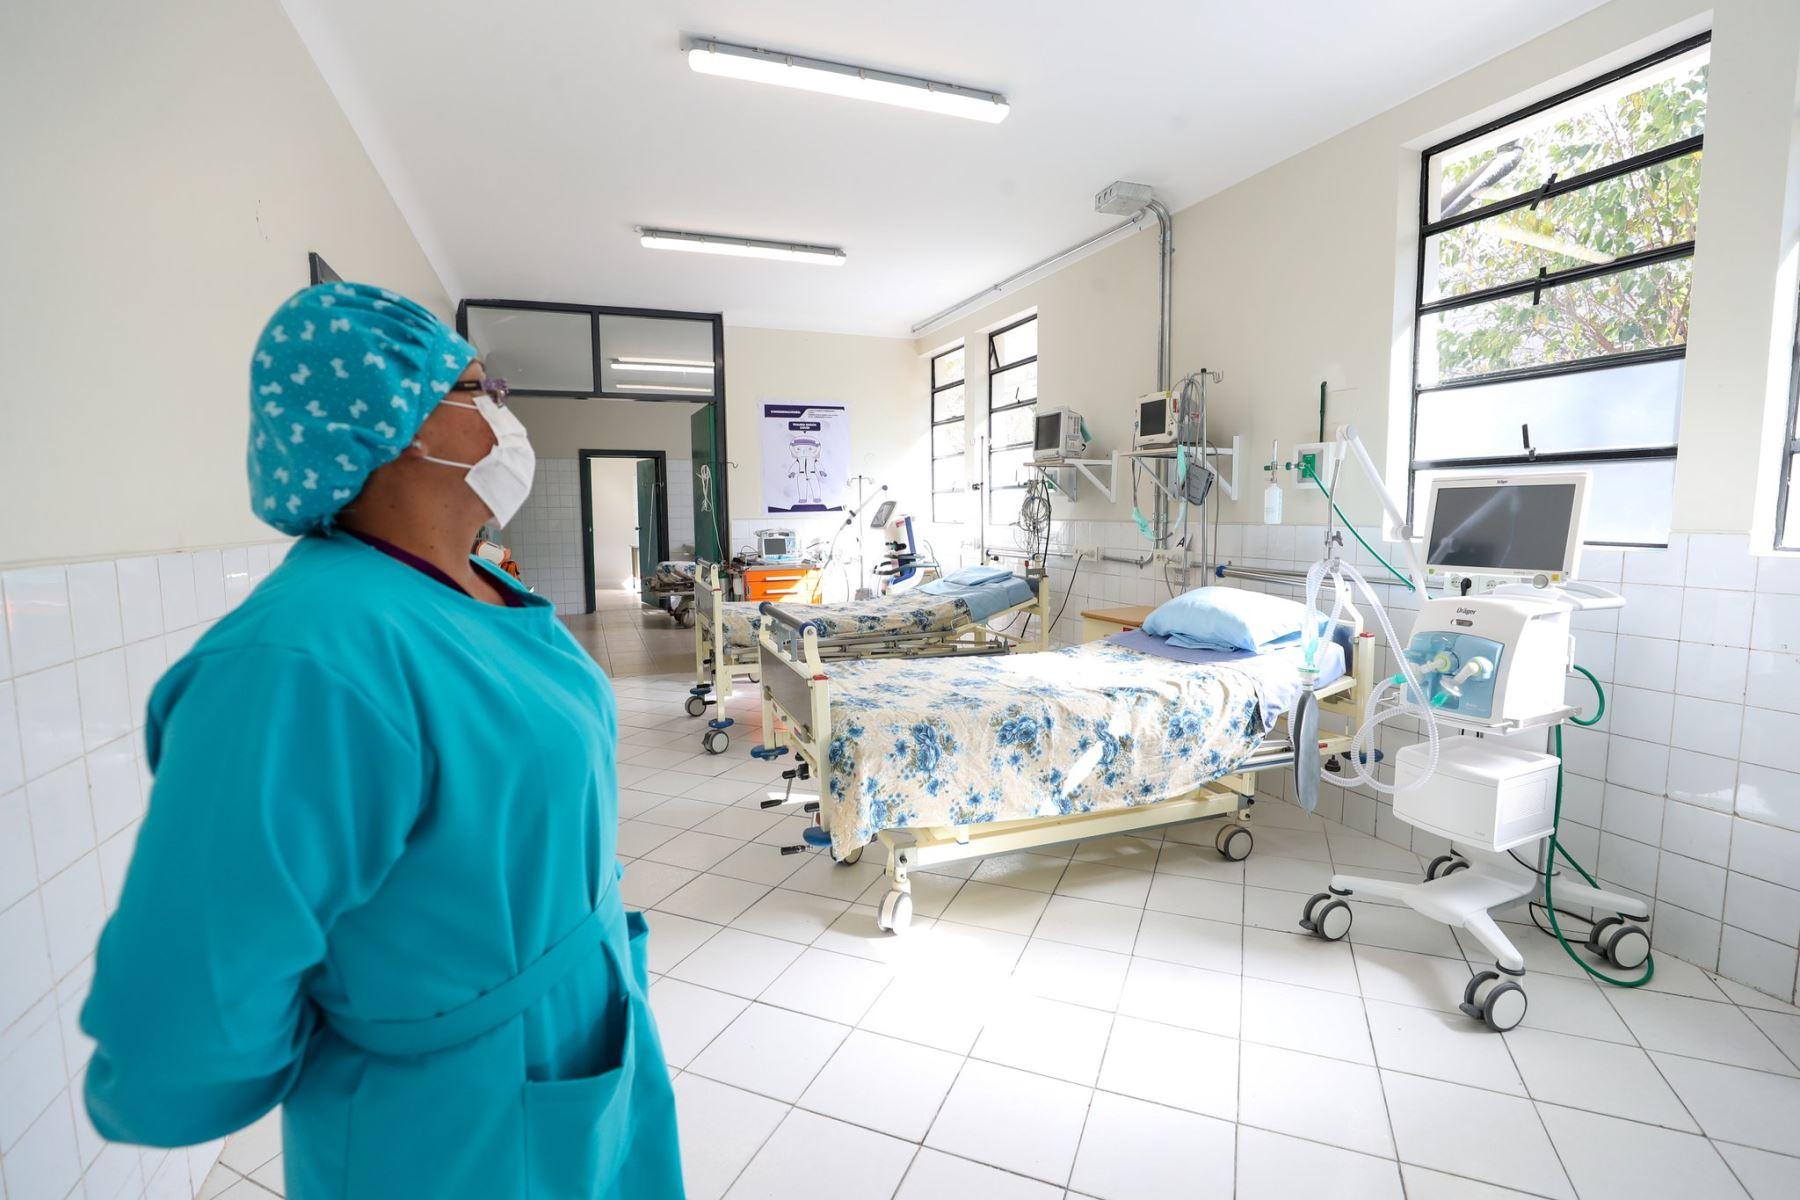 Para ampliar la capacidad hospitalaria y mejorar la atención en salud a los ciudadanos de la región Ayacucho, con presencia del premier Vicente Zeballos, se suscribe el convenio entre el Gobierno Regional de Ayacucho y el Minsa para la construcción del Hospital Bicentenario. Foto: ANDINA/PCM